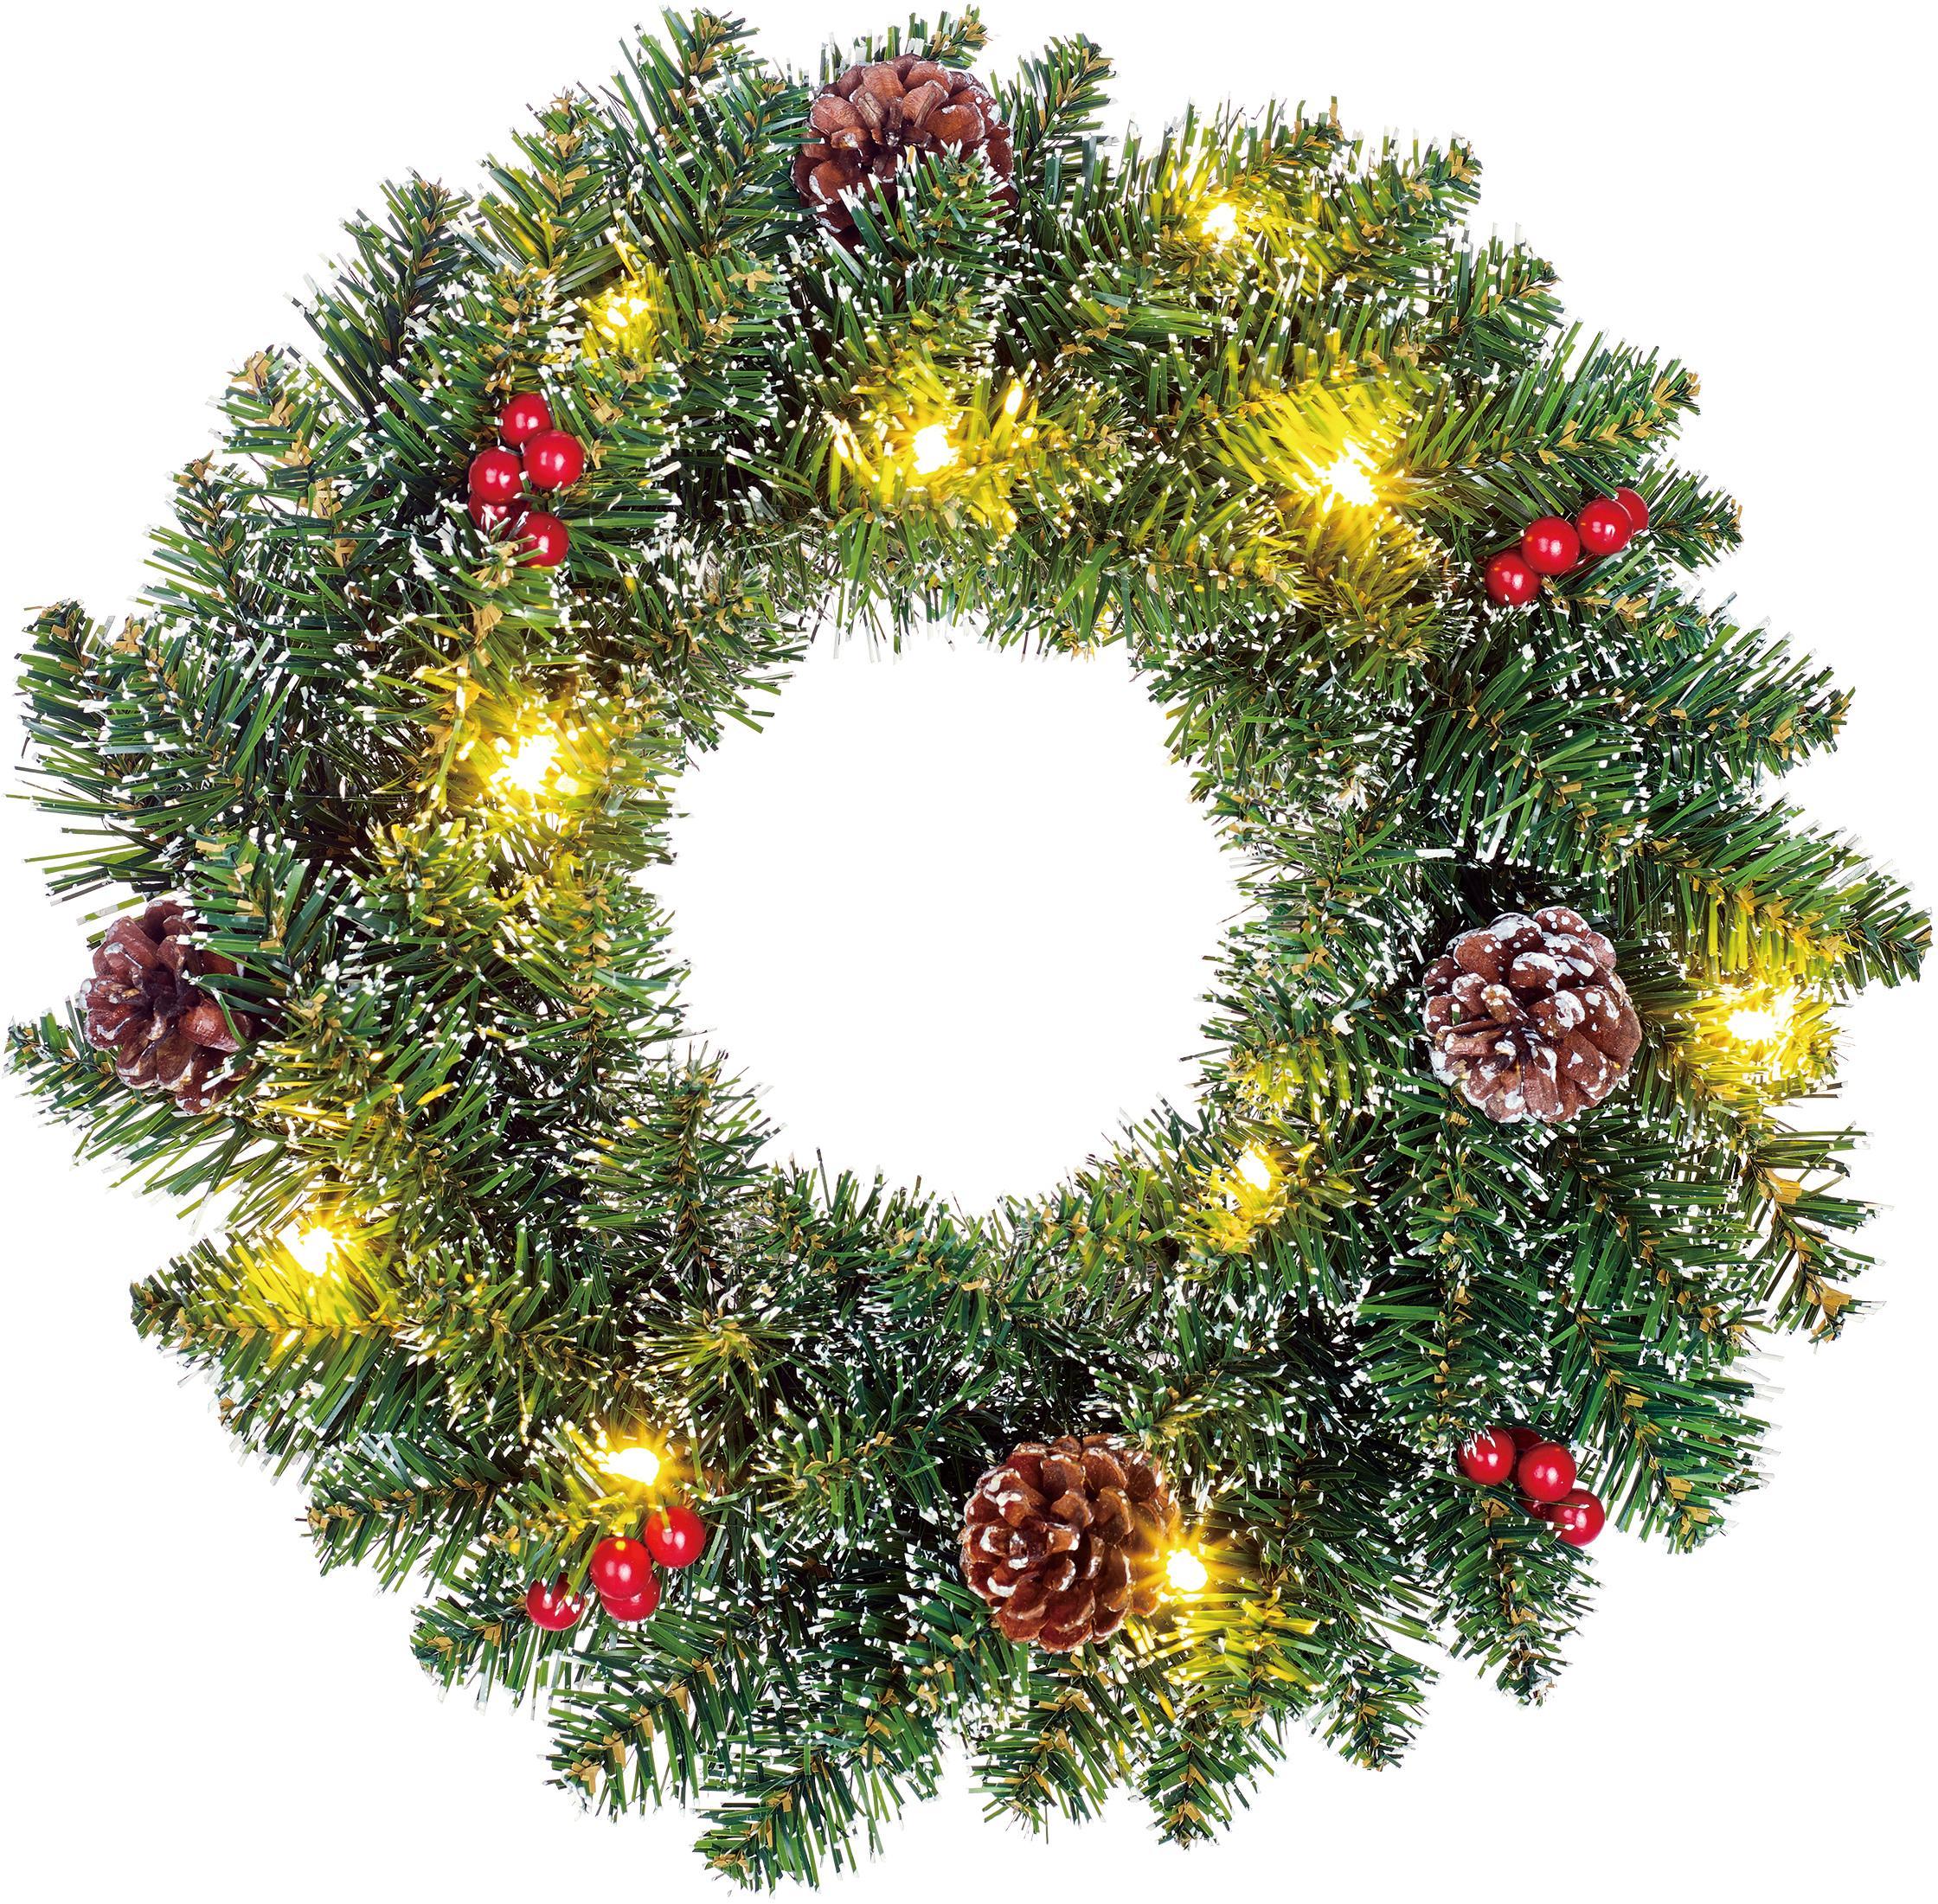 Ghirlanda natalizia artificiale a LED Creston, Materiale sintetico, Verde, rosso, marrone, Ø 35 cm